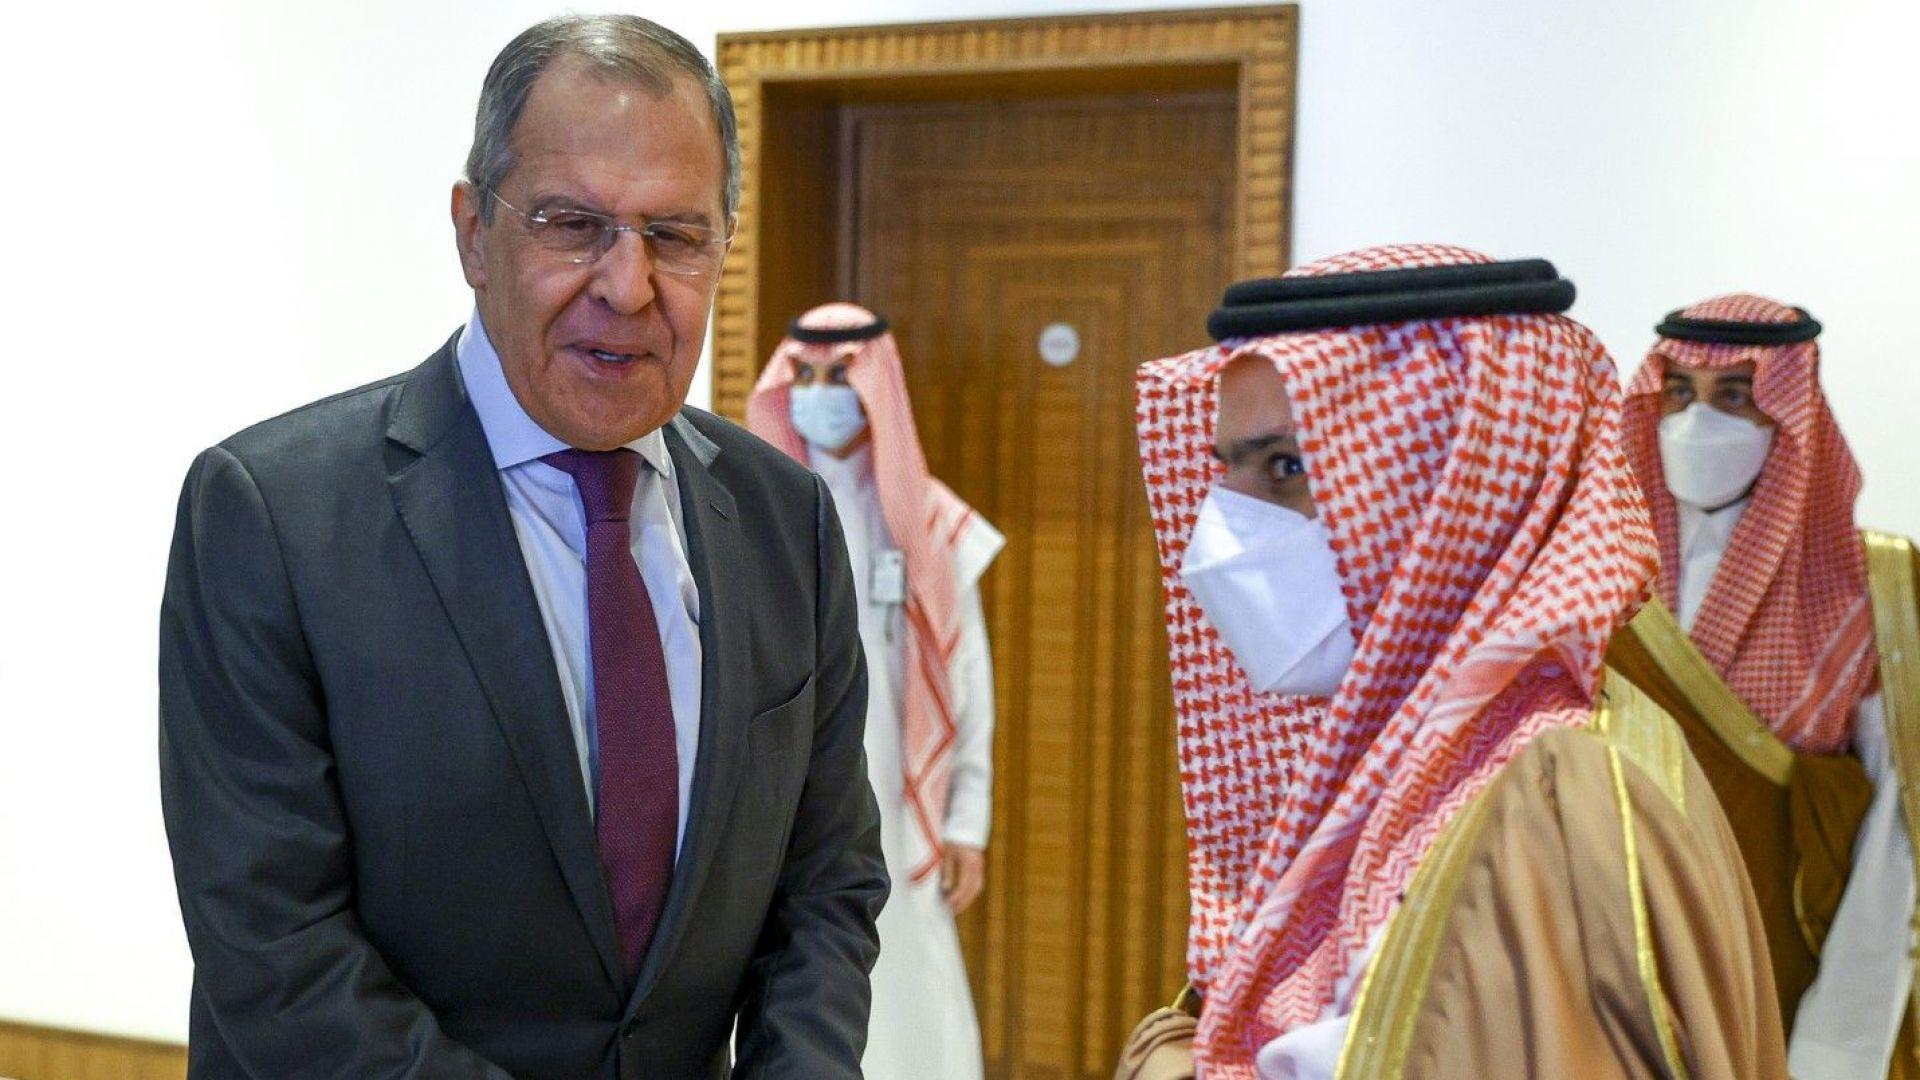 ОПЕК+ няма да допусне резки колебания в цените на петрола, но войната на Рияд с хусите не спира